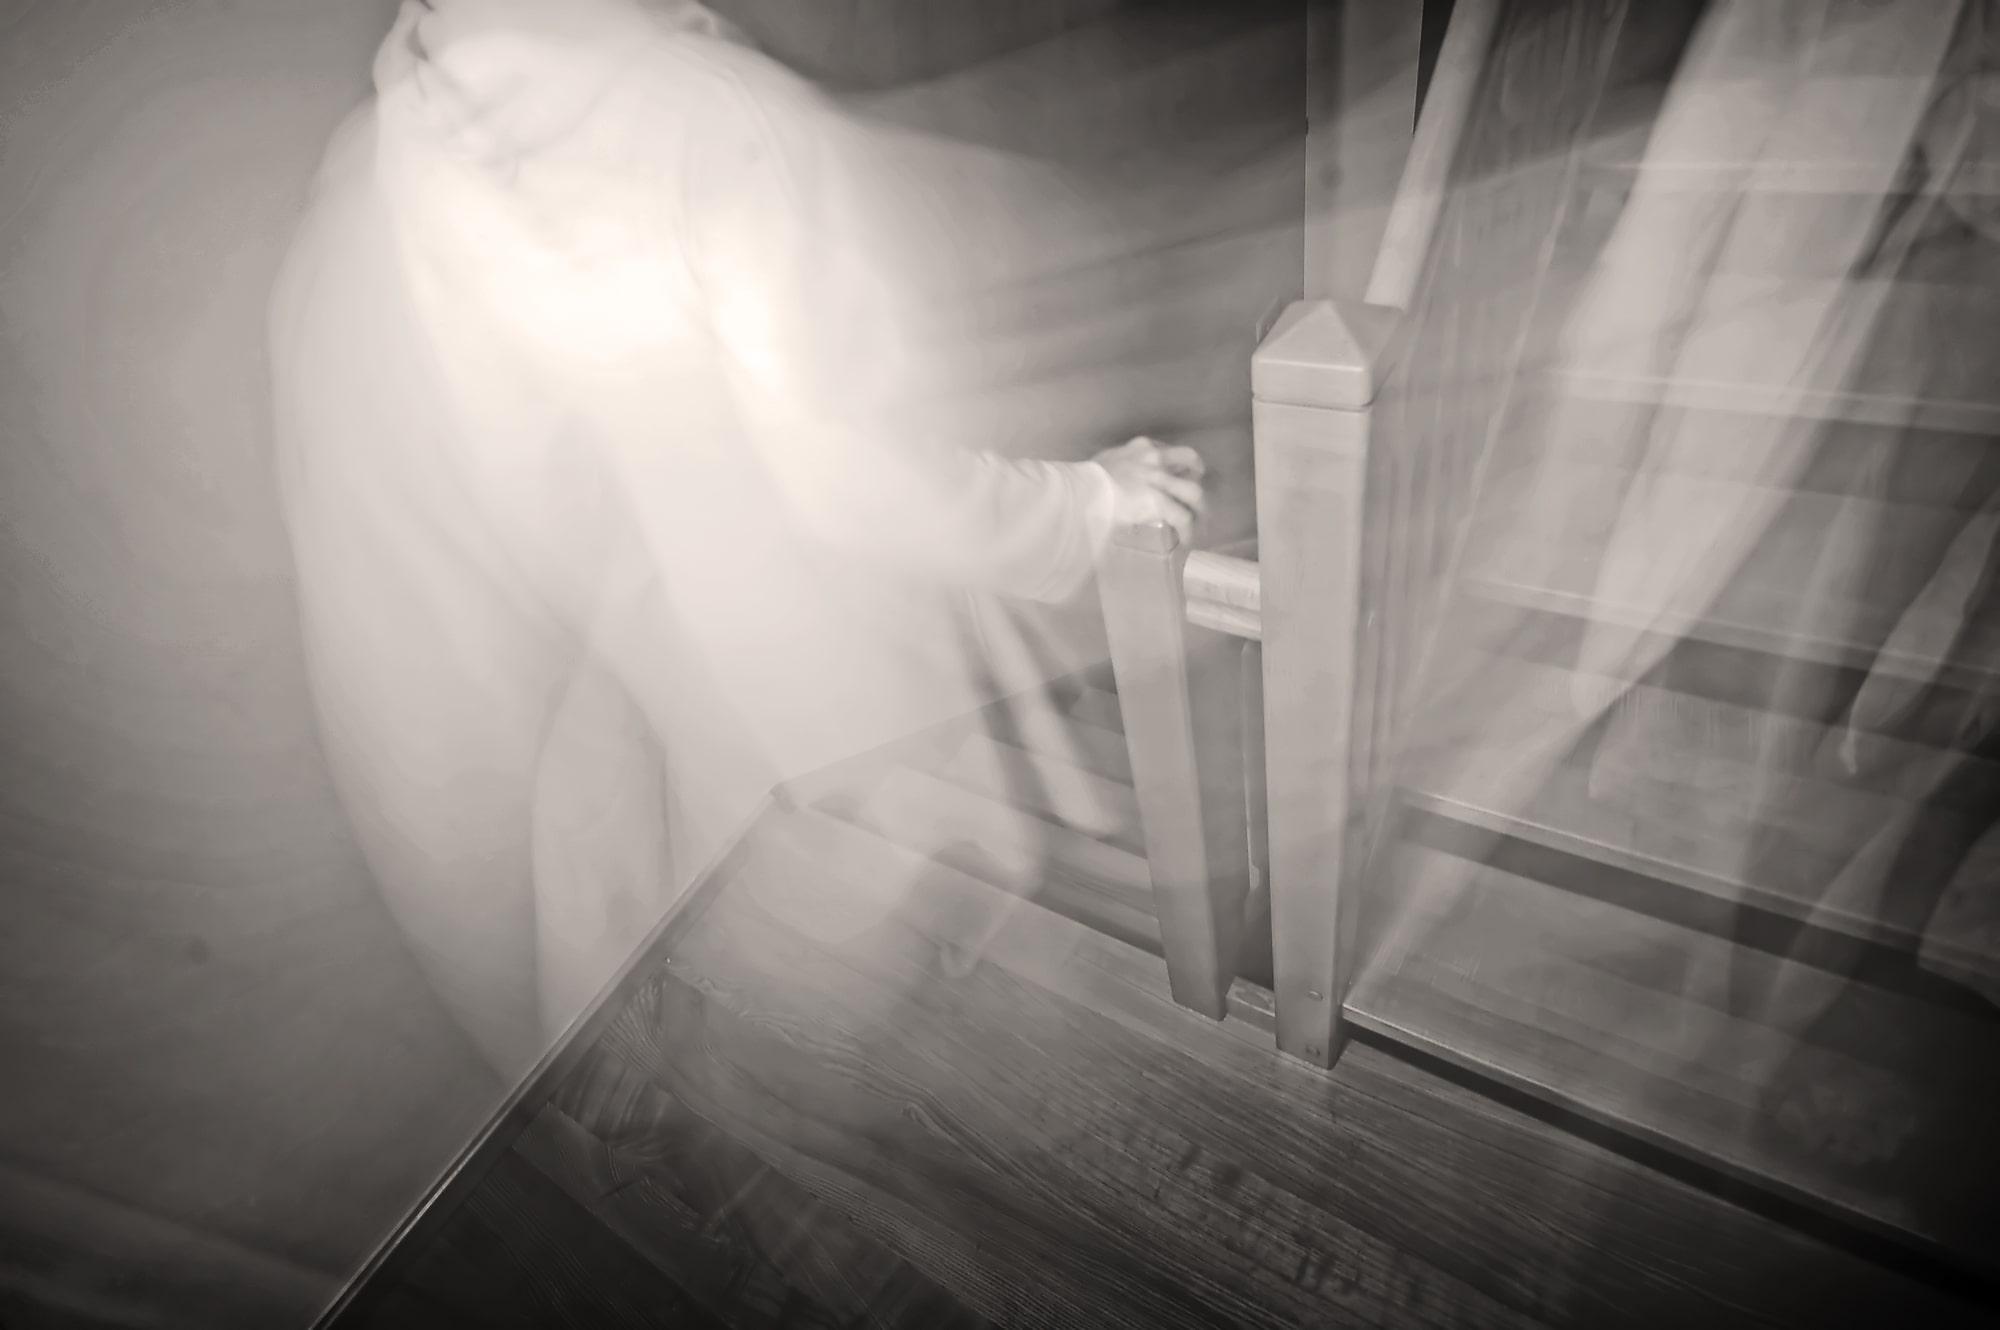 Уильям Юбэнк и Кристофер Лэндон снимут перезагрузку фильма «Паранормальное явление